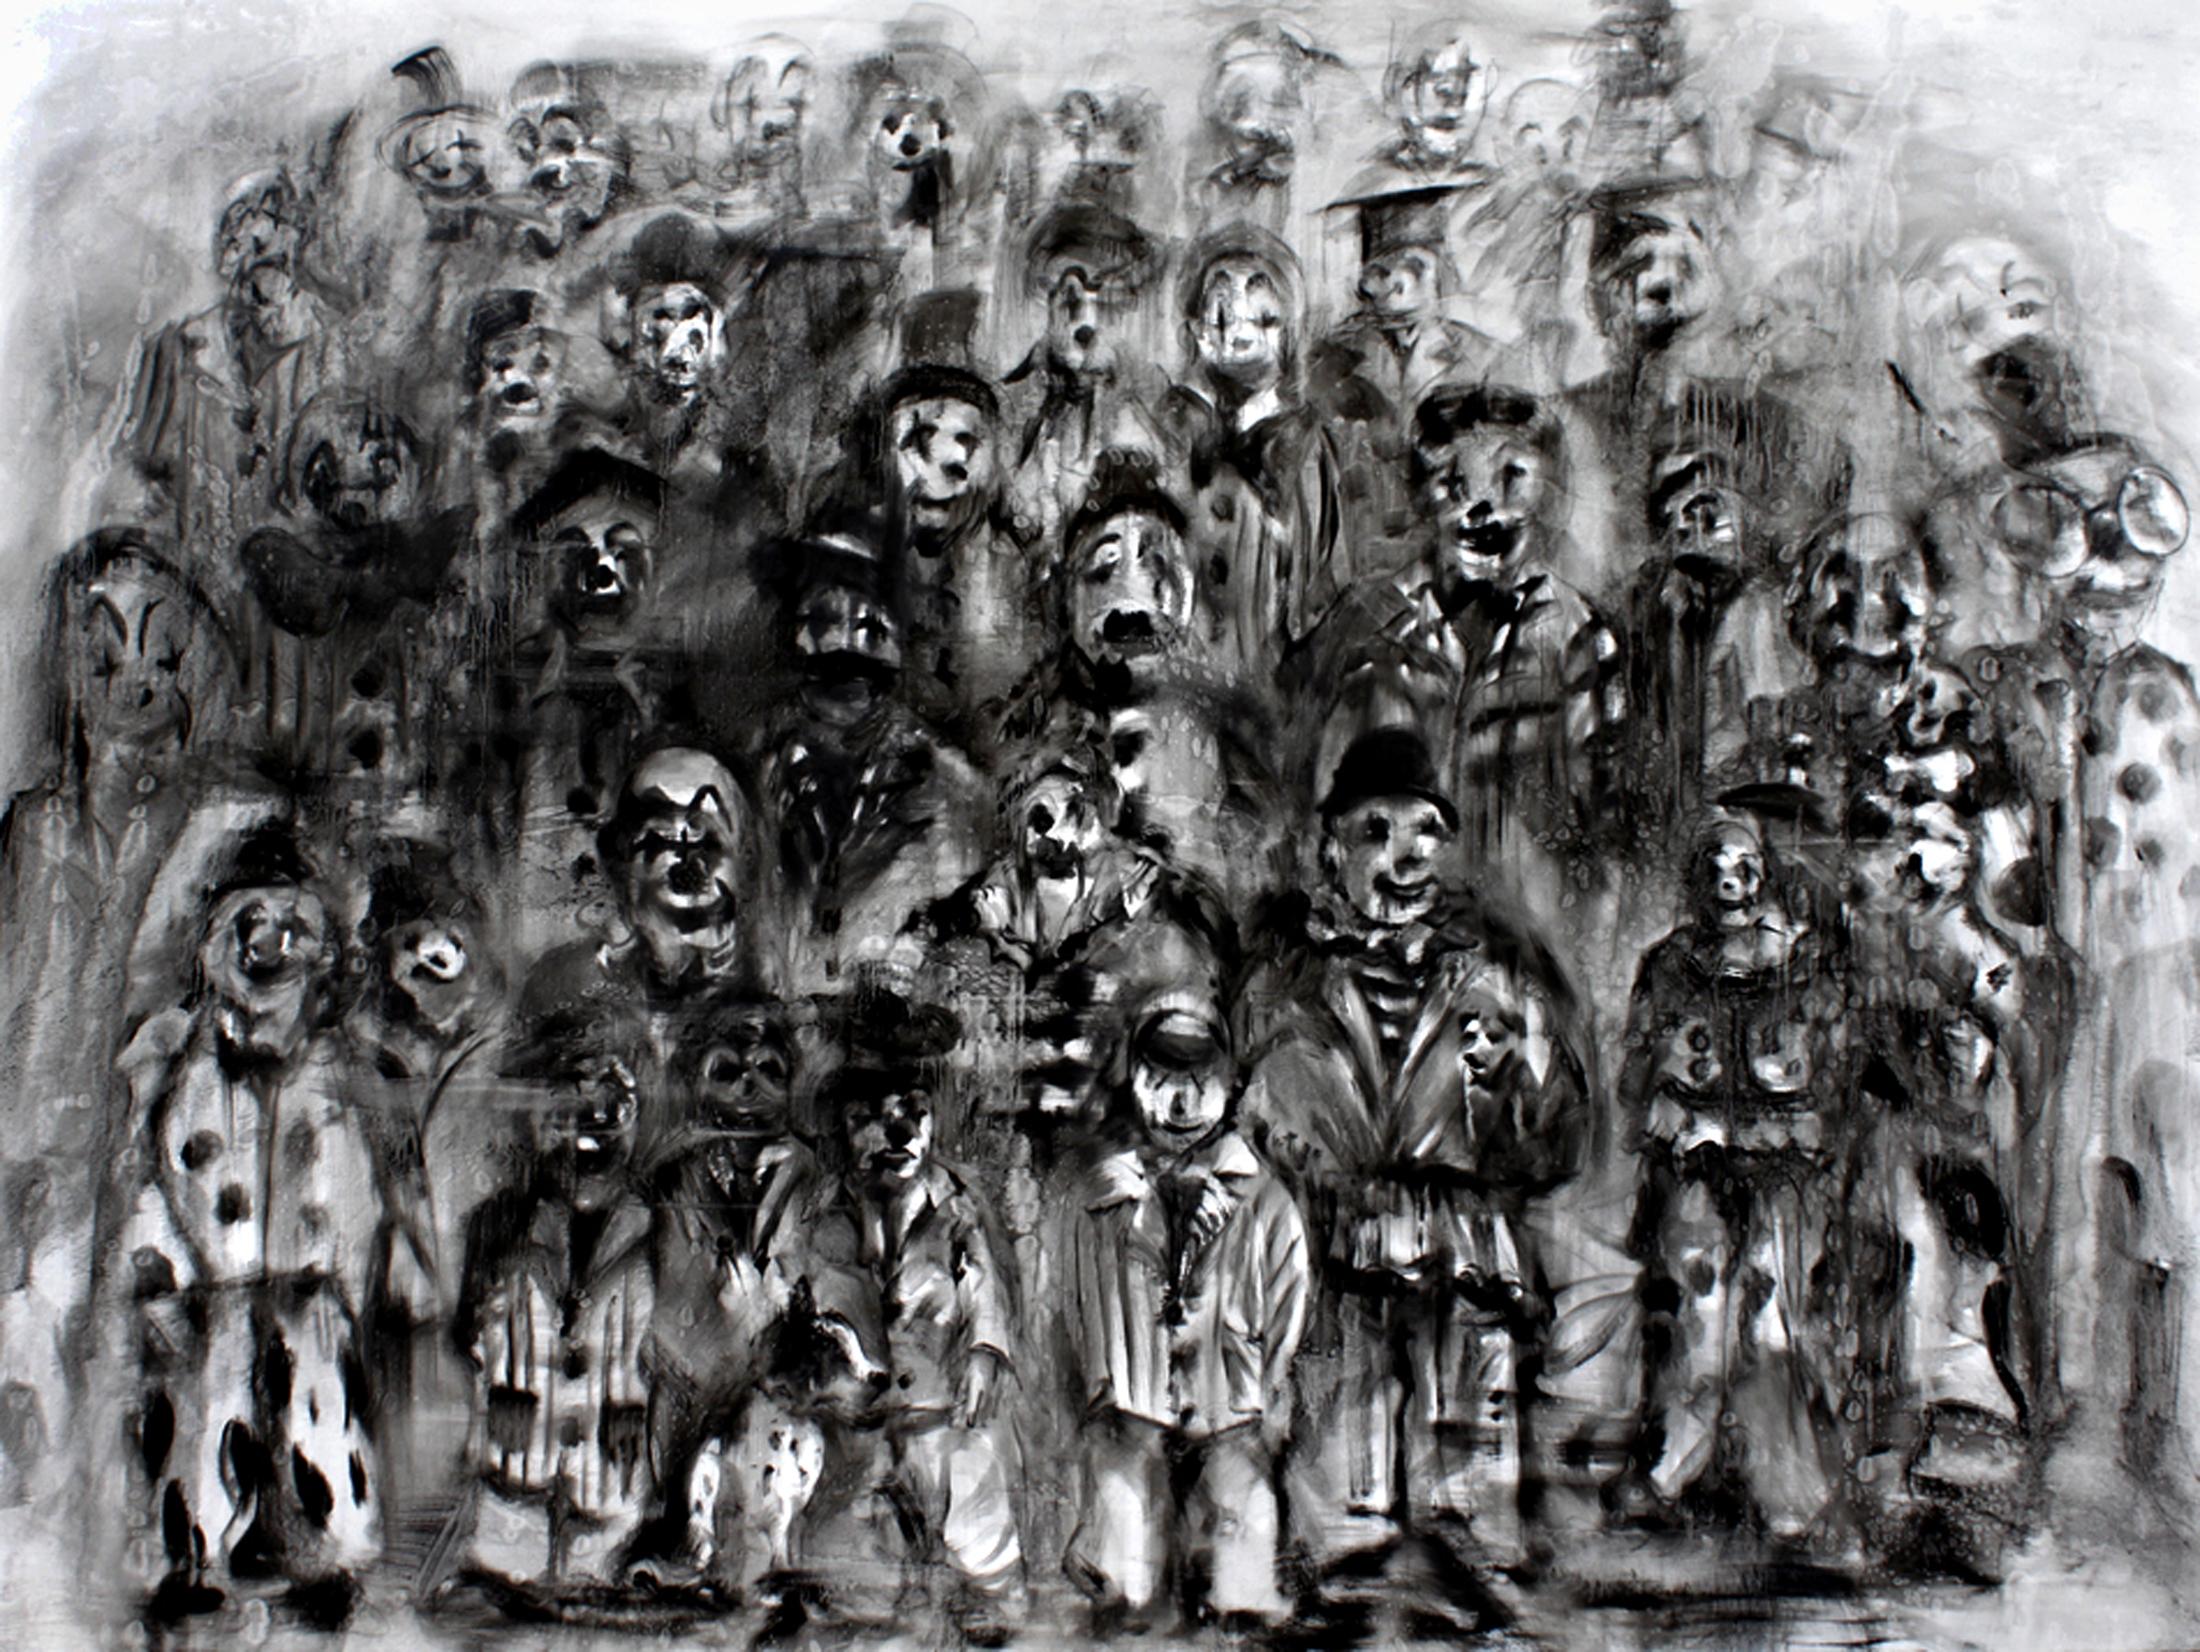 Clowns_004